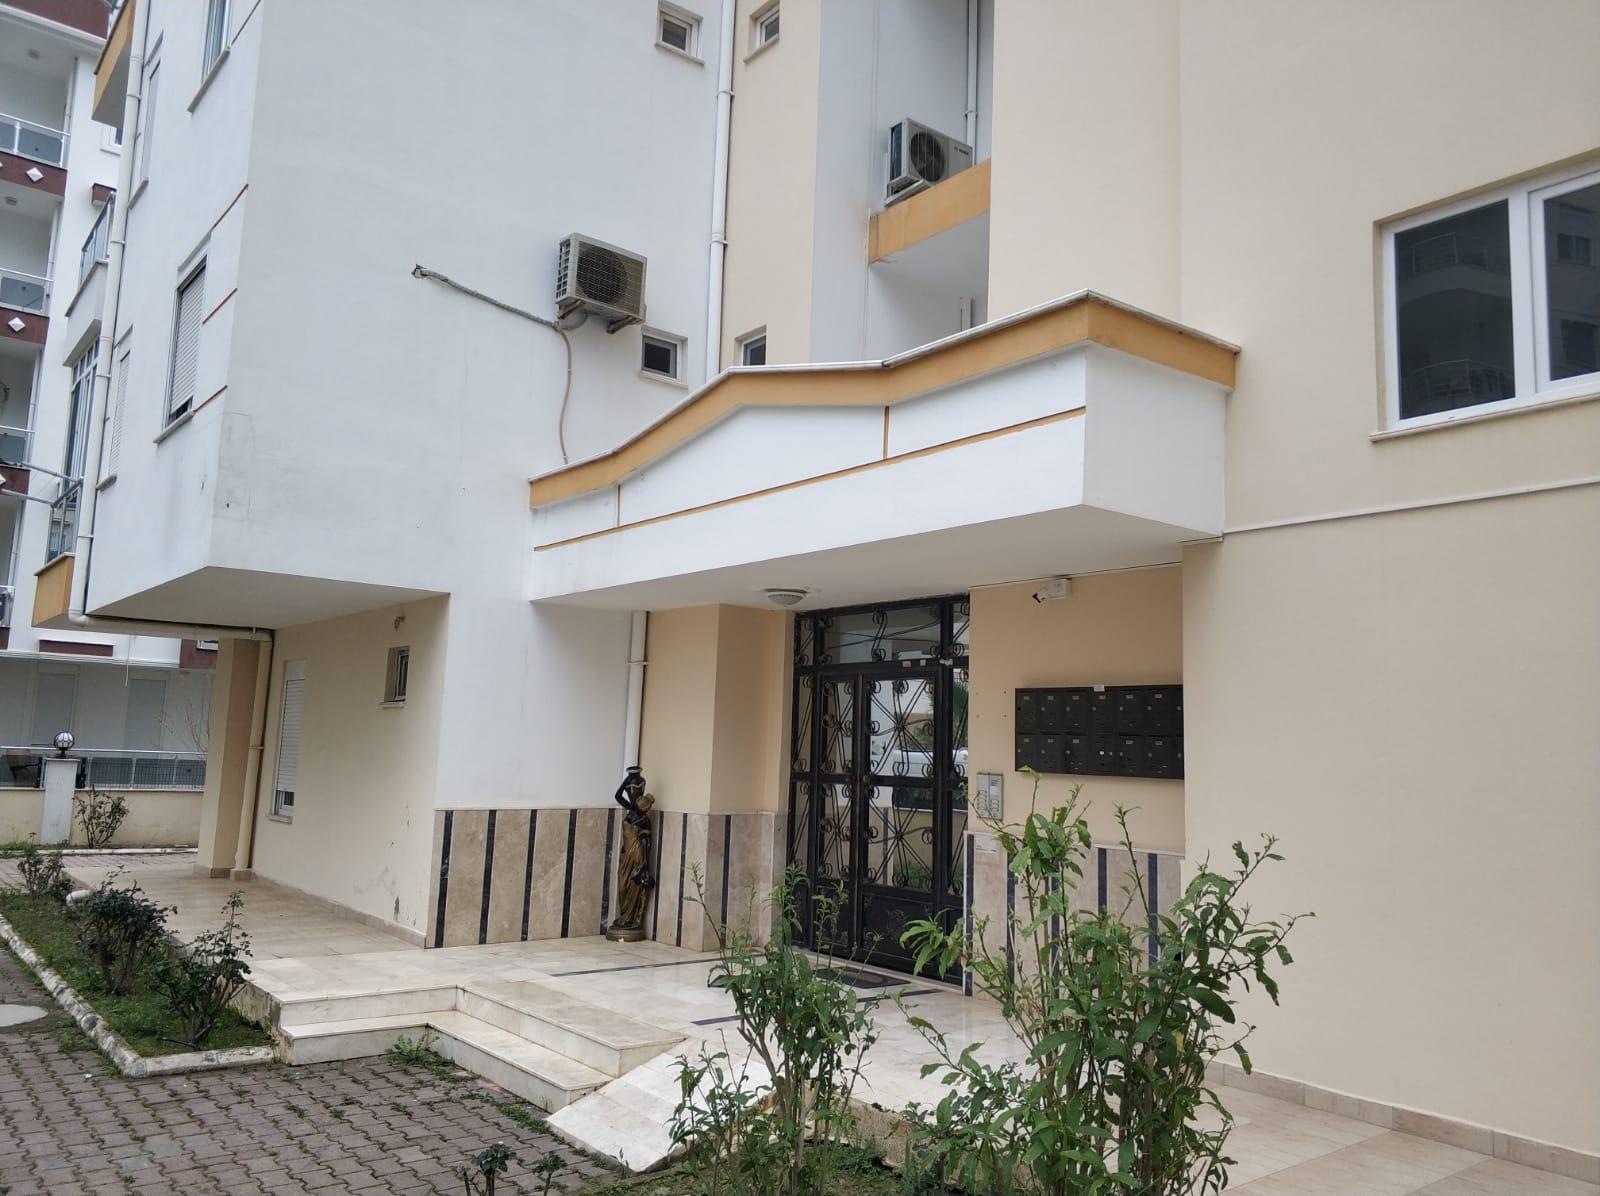 شقة للبيع في كونيالتي هورما